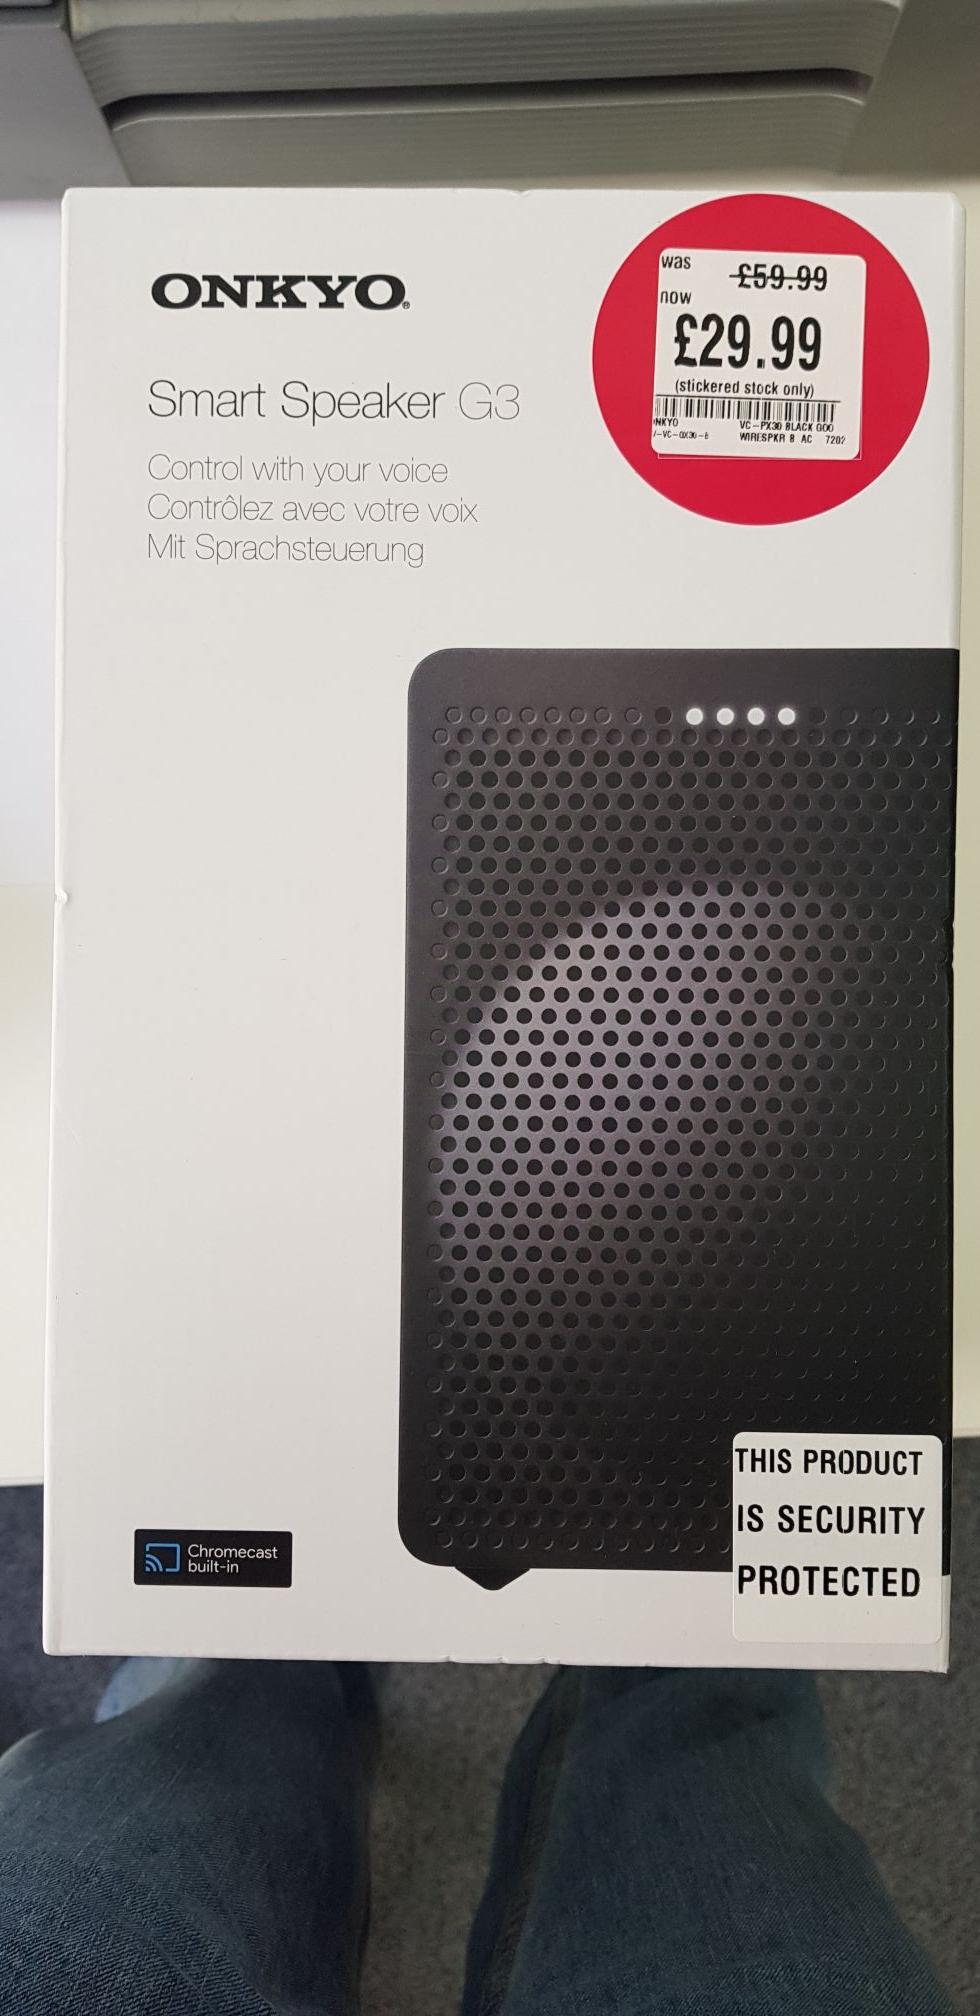 Onkyo G3 Smart Speaker In-Store @ HMV for £29.99